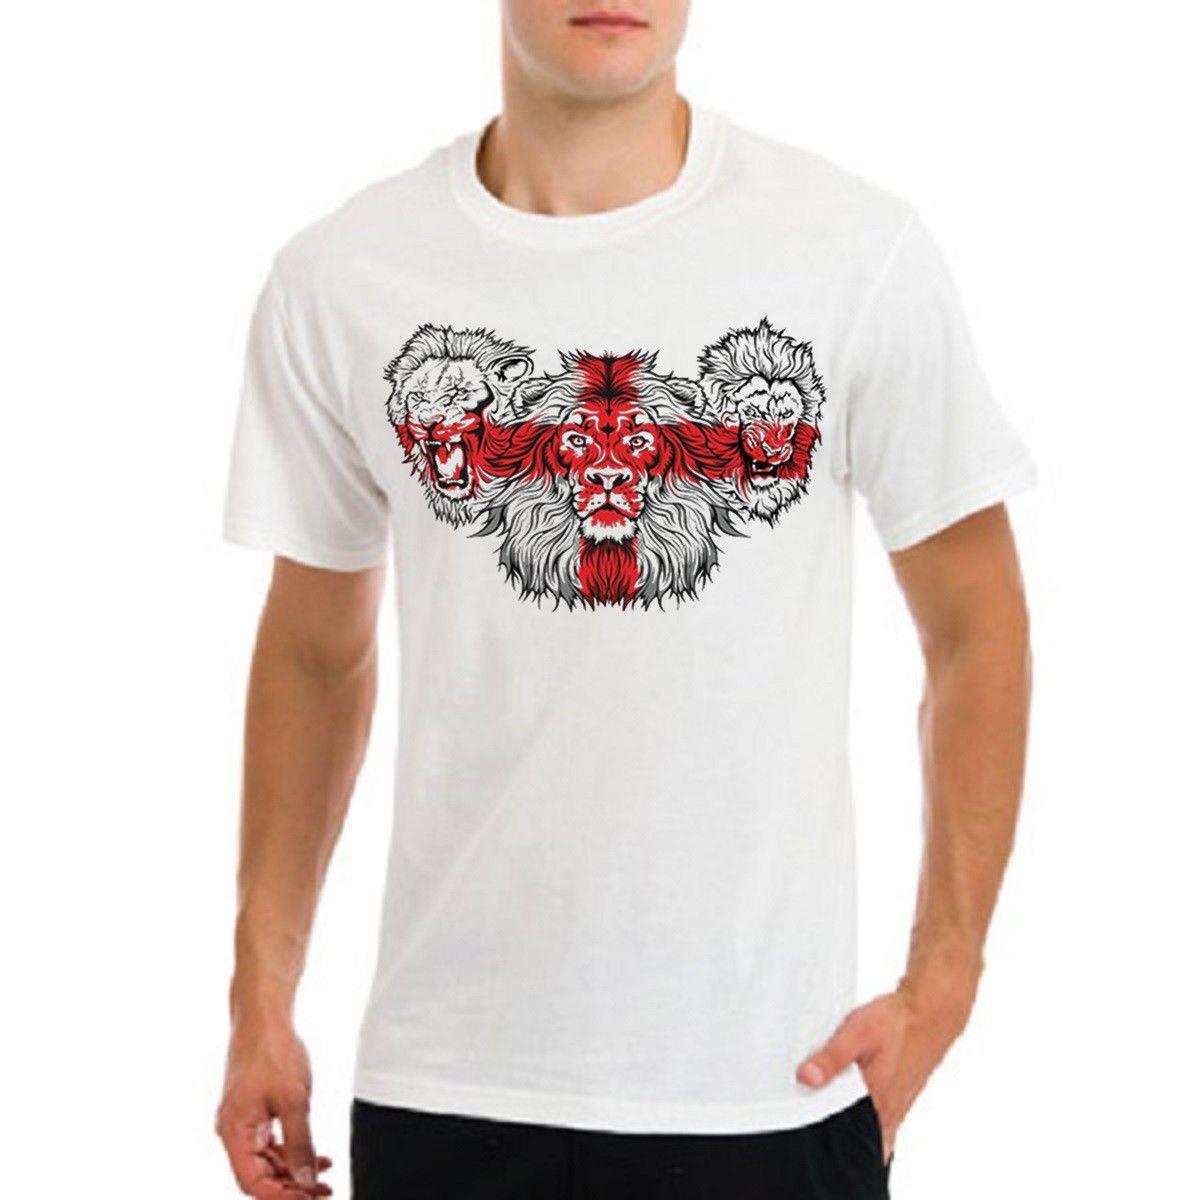 잉글랜드 월드컵 mundial 2018 russia 영국 축구 팀 3 lions T 셔츠 남성 T 셔츠 무료 배송